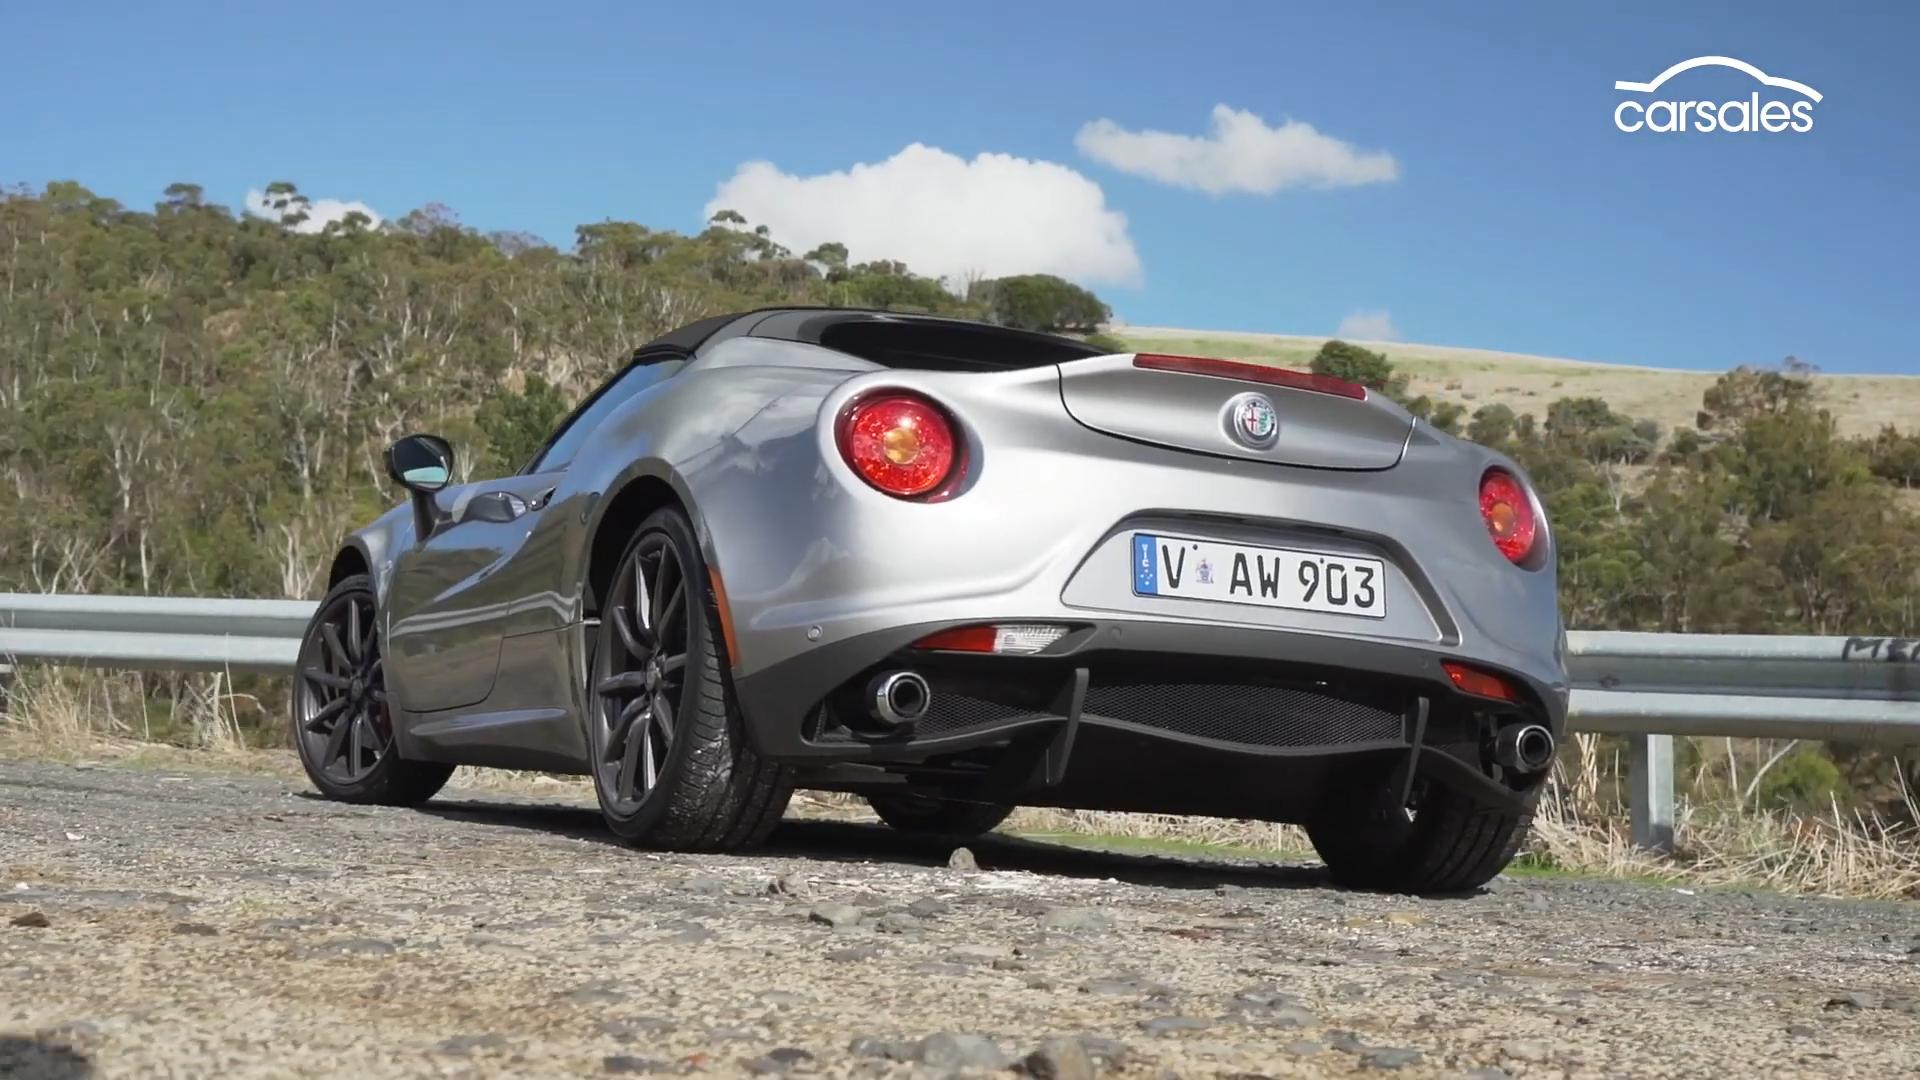 Alfa Romeo 4C Spider 2019 CarSales